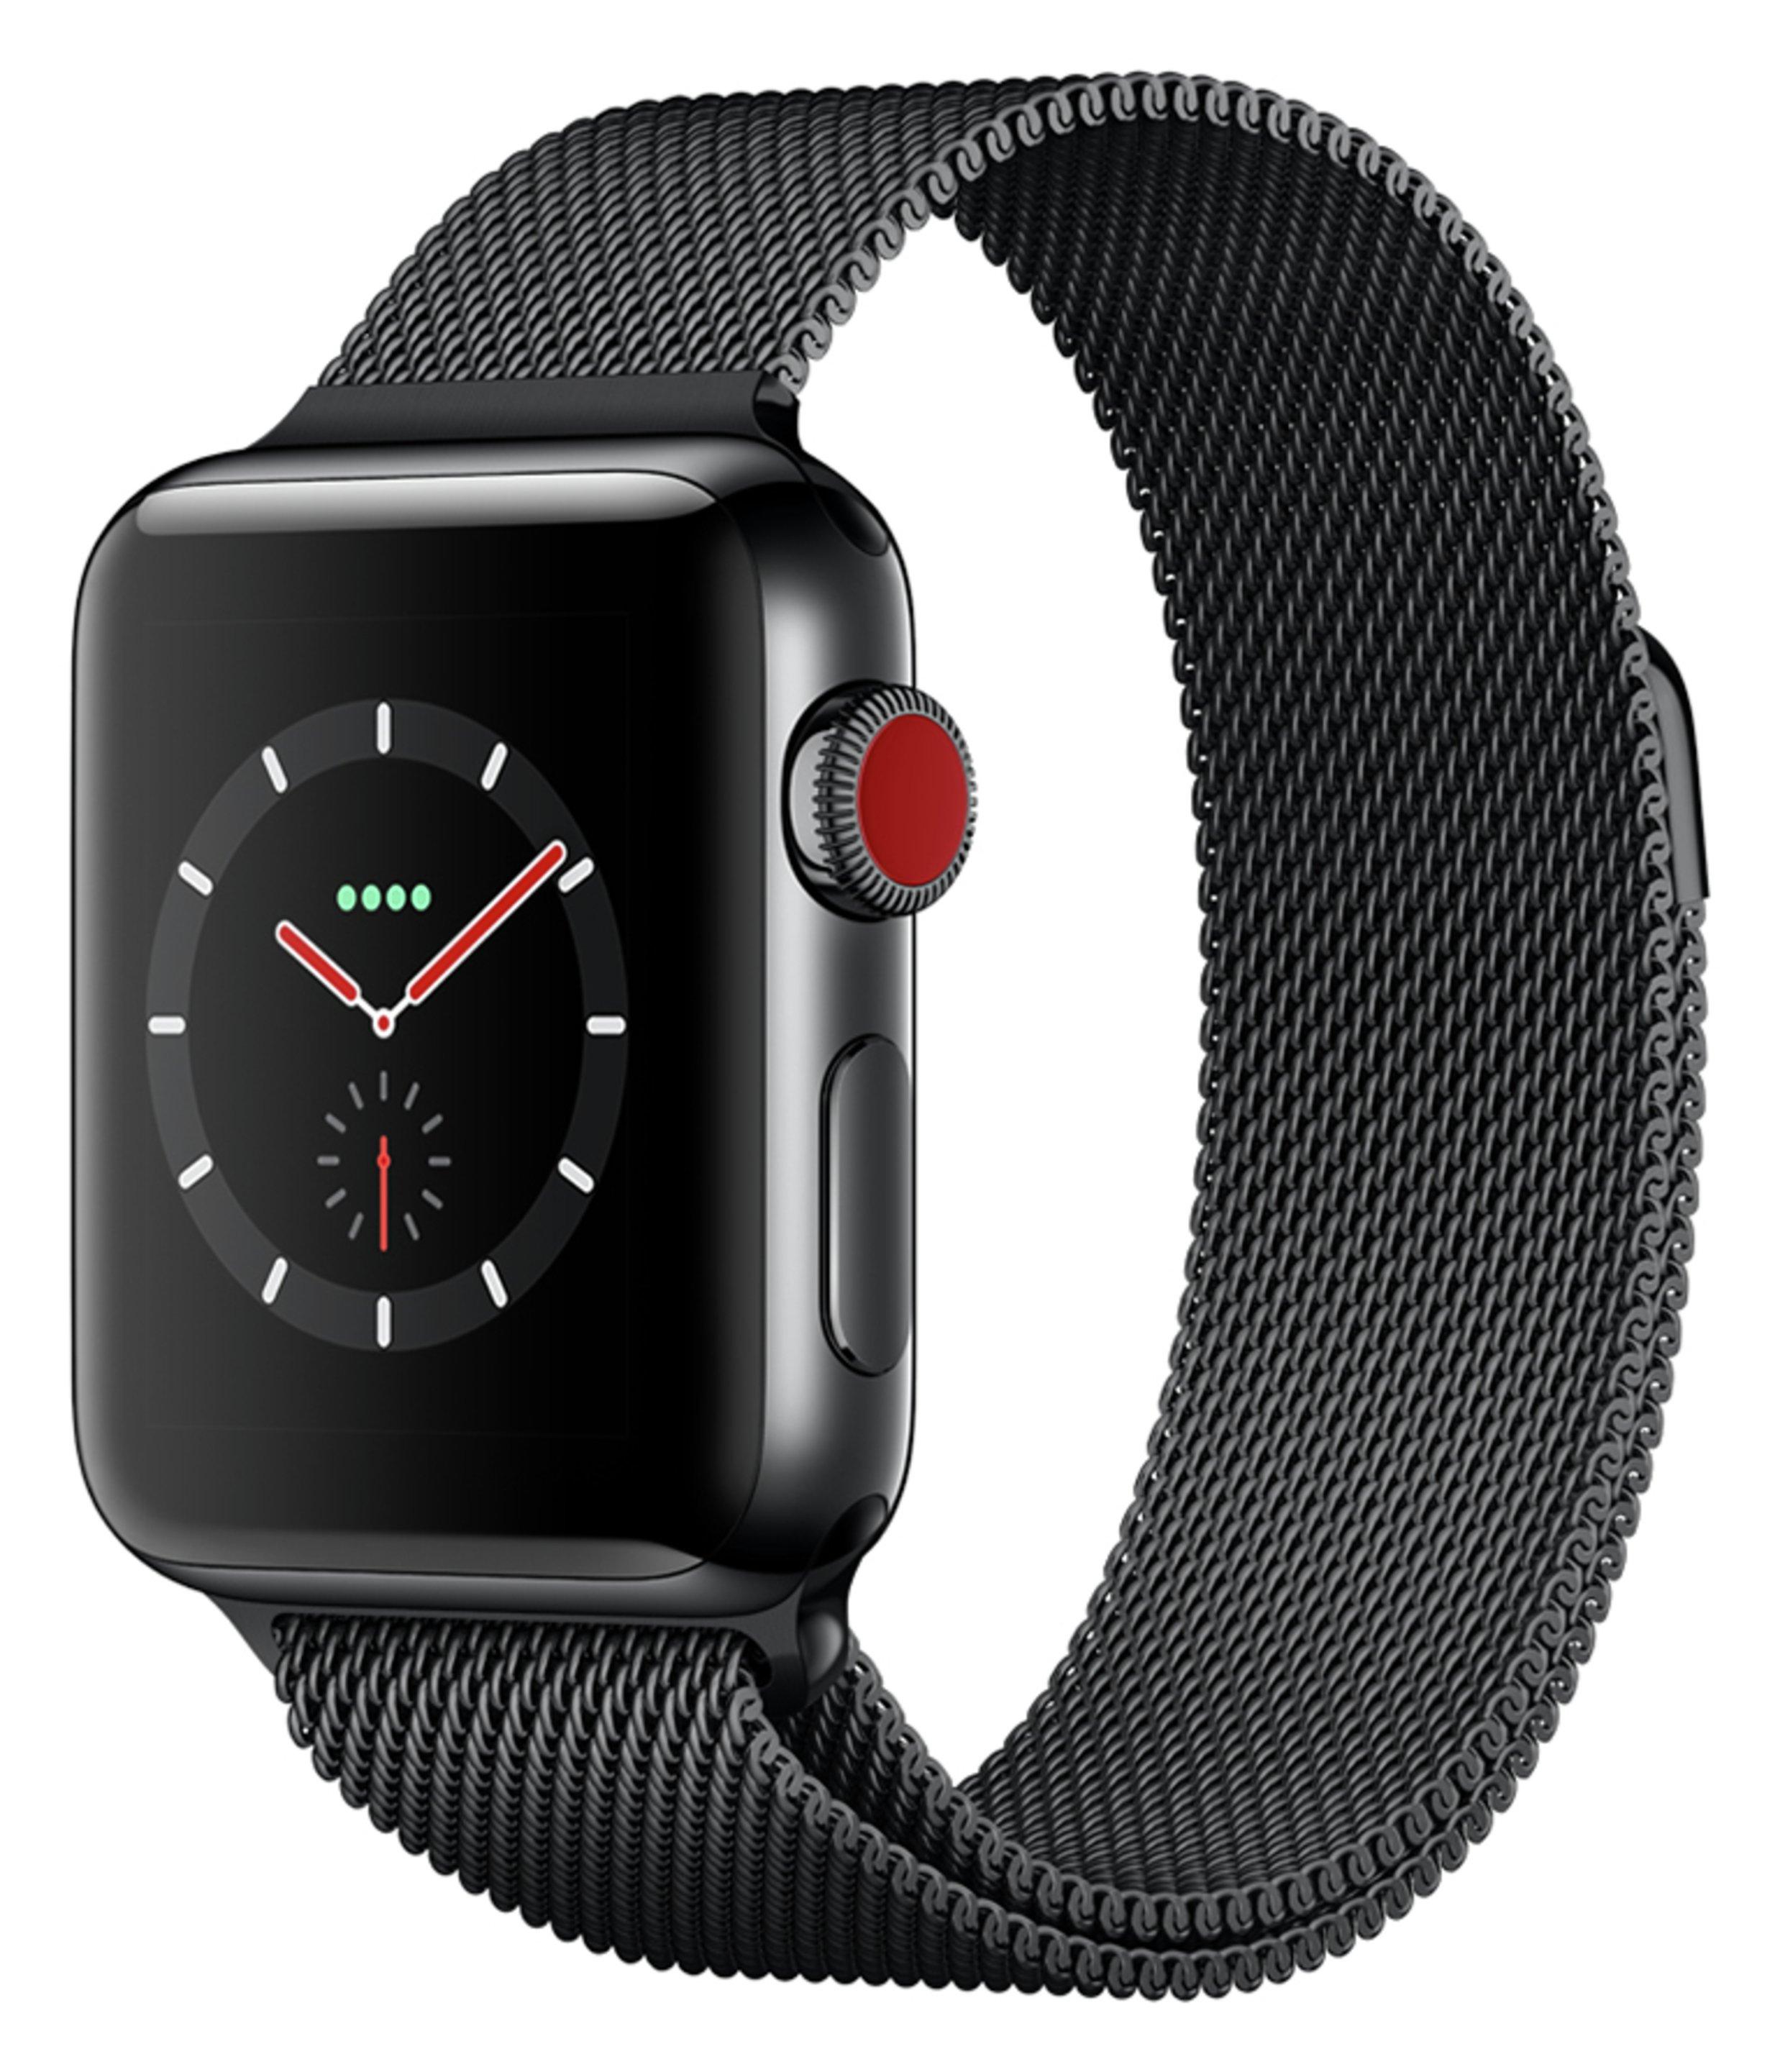 Apple Apple Watch S3 Cellular 38mm - Black S/Steel / Milanese Loop